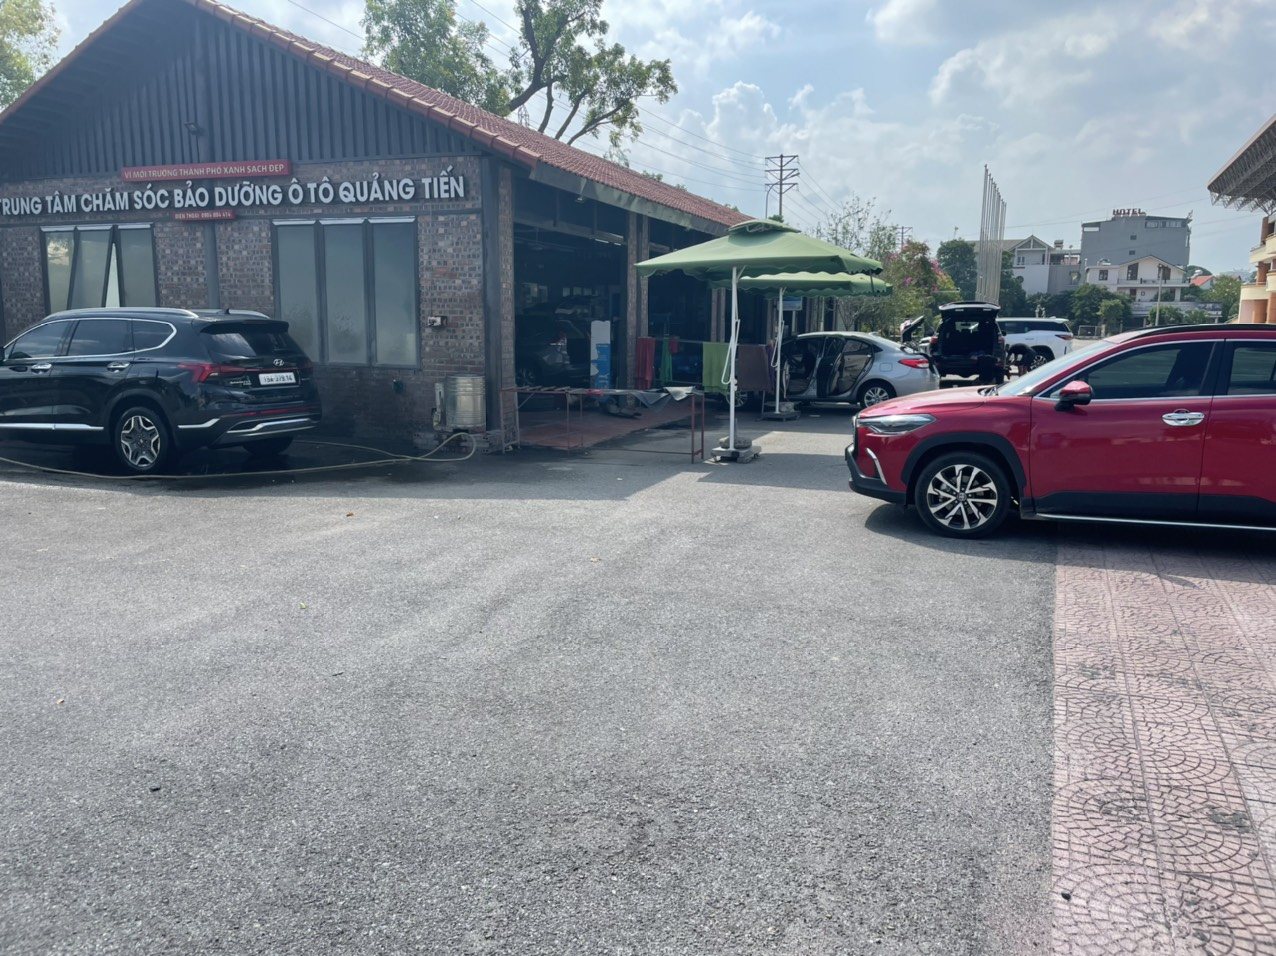 Nội thất ô tô Quảng Tiến